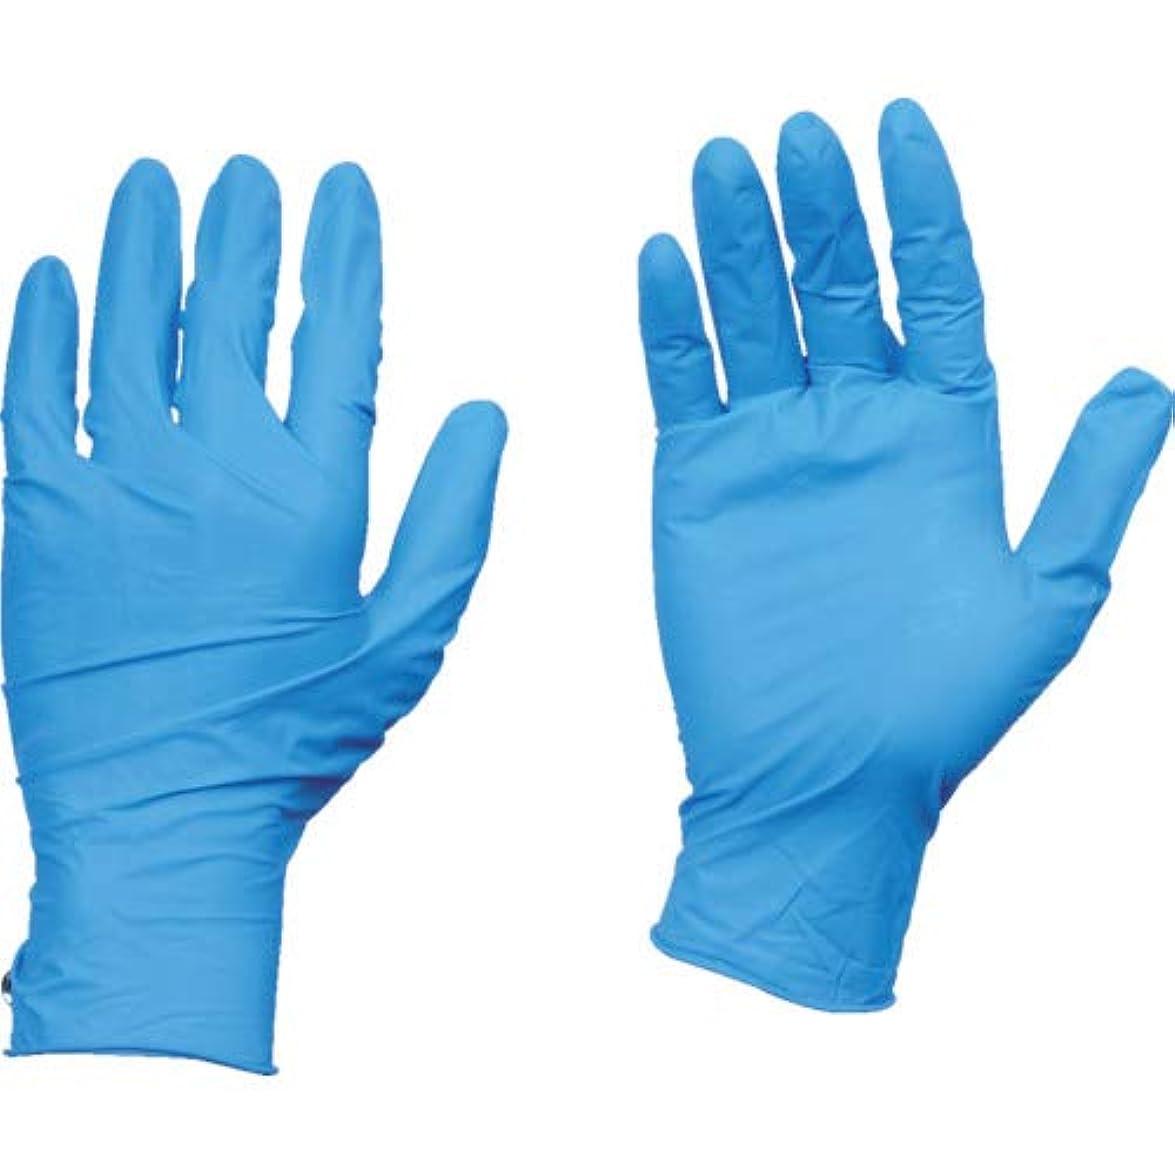 ケープ実用的重くするTRUSCO(トラスコ) 10箱入り 使い捨て天然ゴム手袋TGワーク 0.10 粉付青L TGPL10BL10C